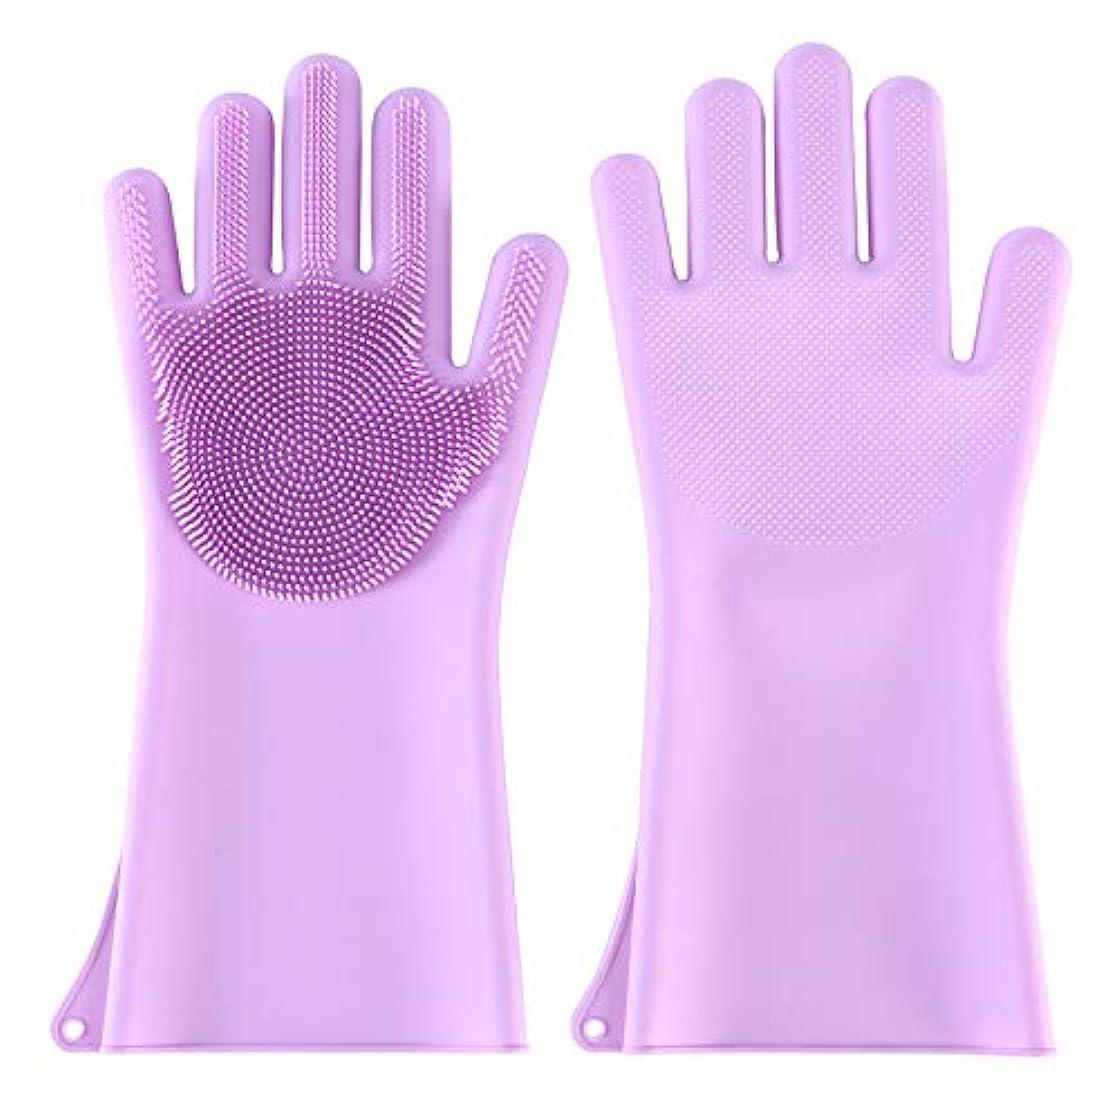 ラッチ代数的マントBTXXYJP ペット ブラシ 手袋 猫 ブラシ グローブ 耐摩耗 クリーナー 抜け毛取り マッサージブラシ 犬 グローブ お手入れ (Color : Purple)